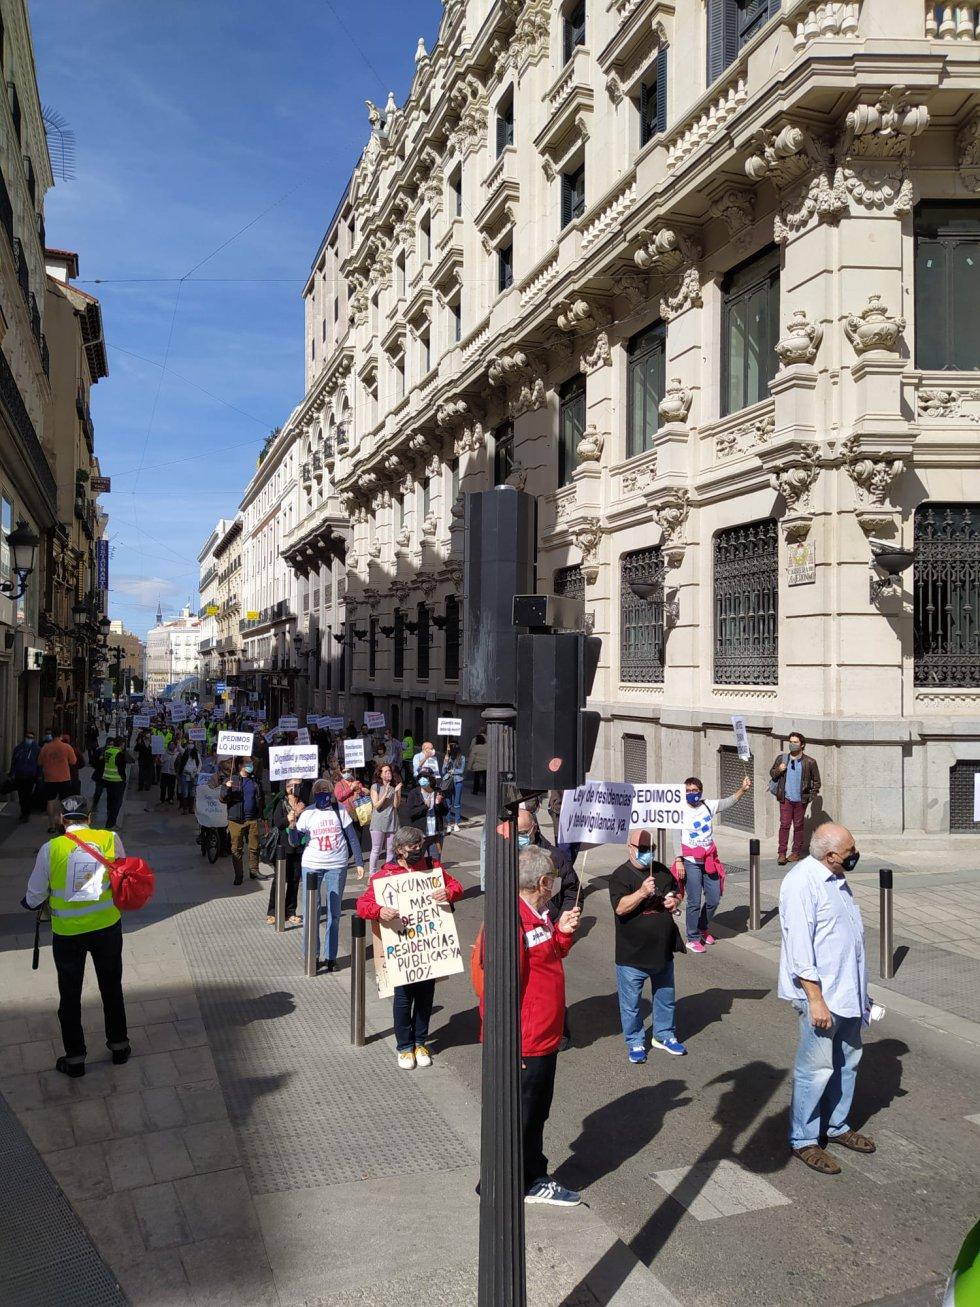 La manifestación, que ha llegado hasta el Ministerio de Sanidad, ha intentado mantener las distancias de seguridad